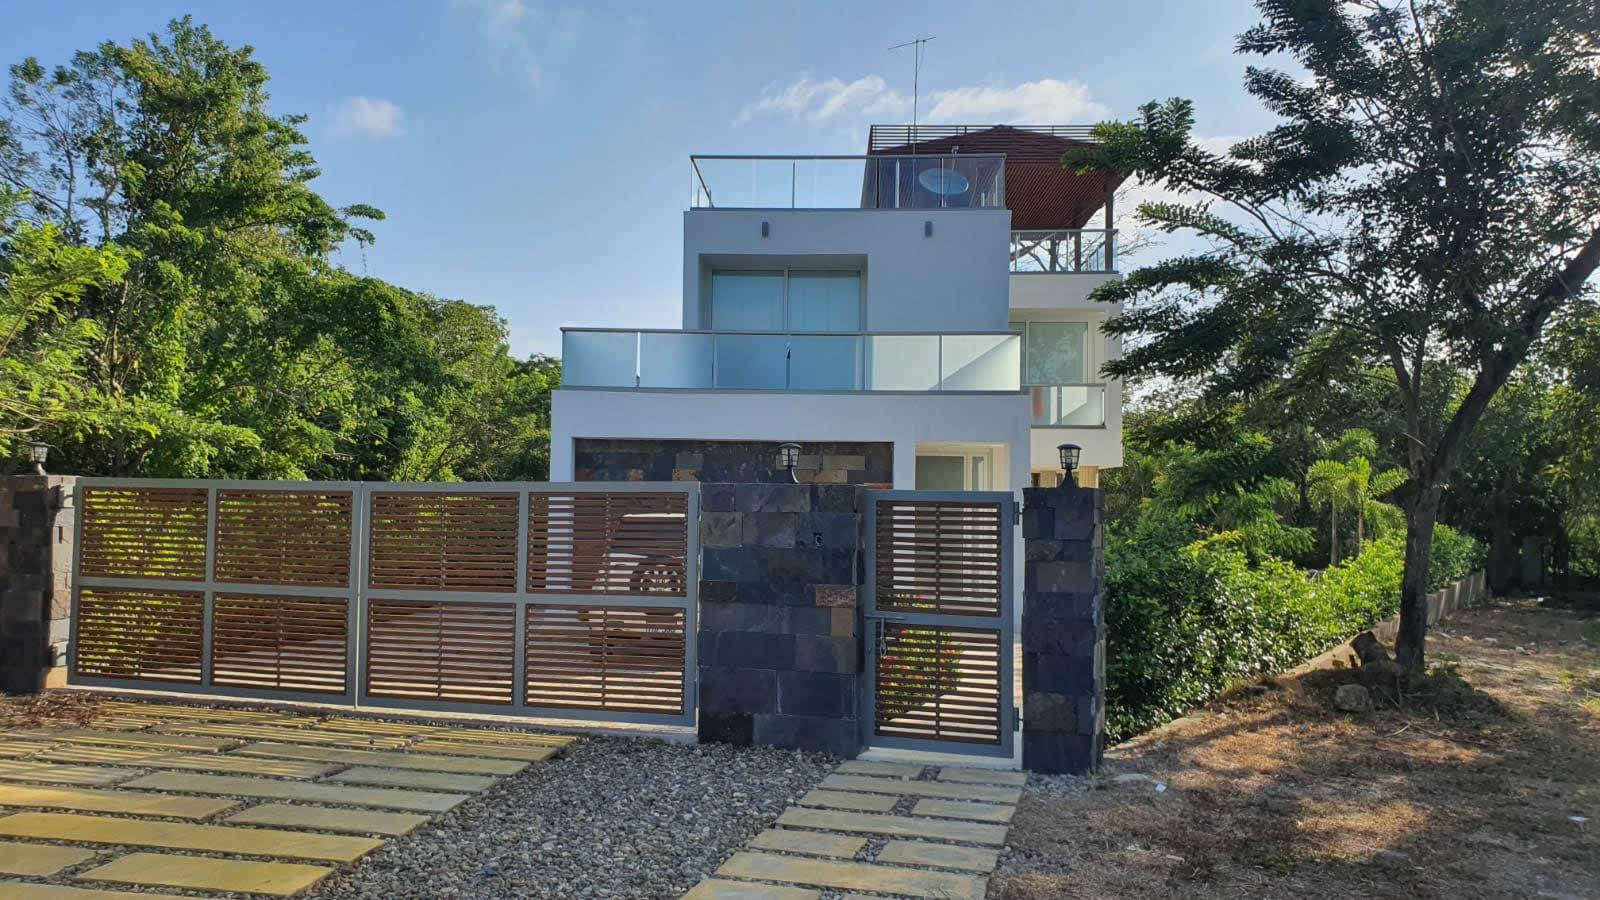 Barugrande Casa 1 2